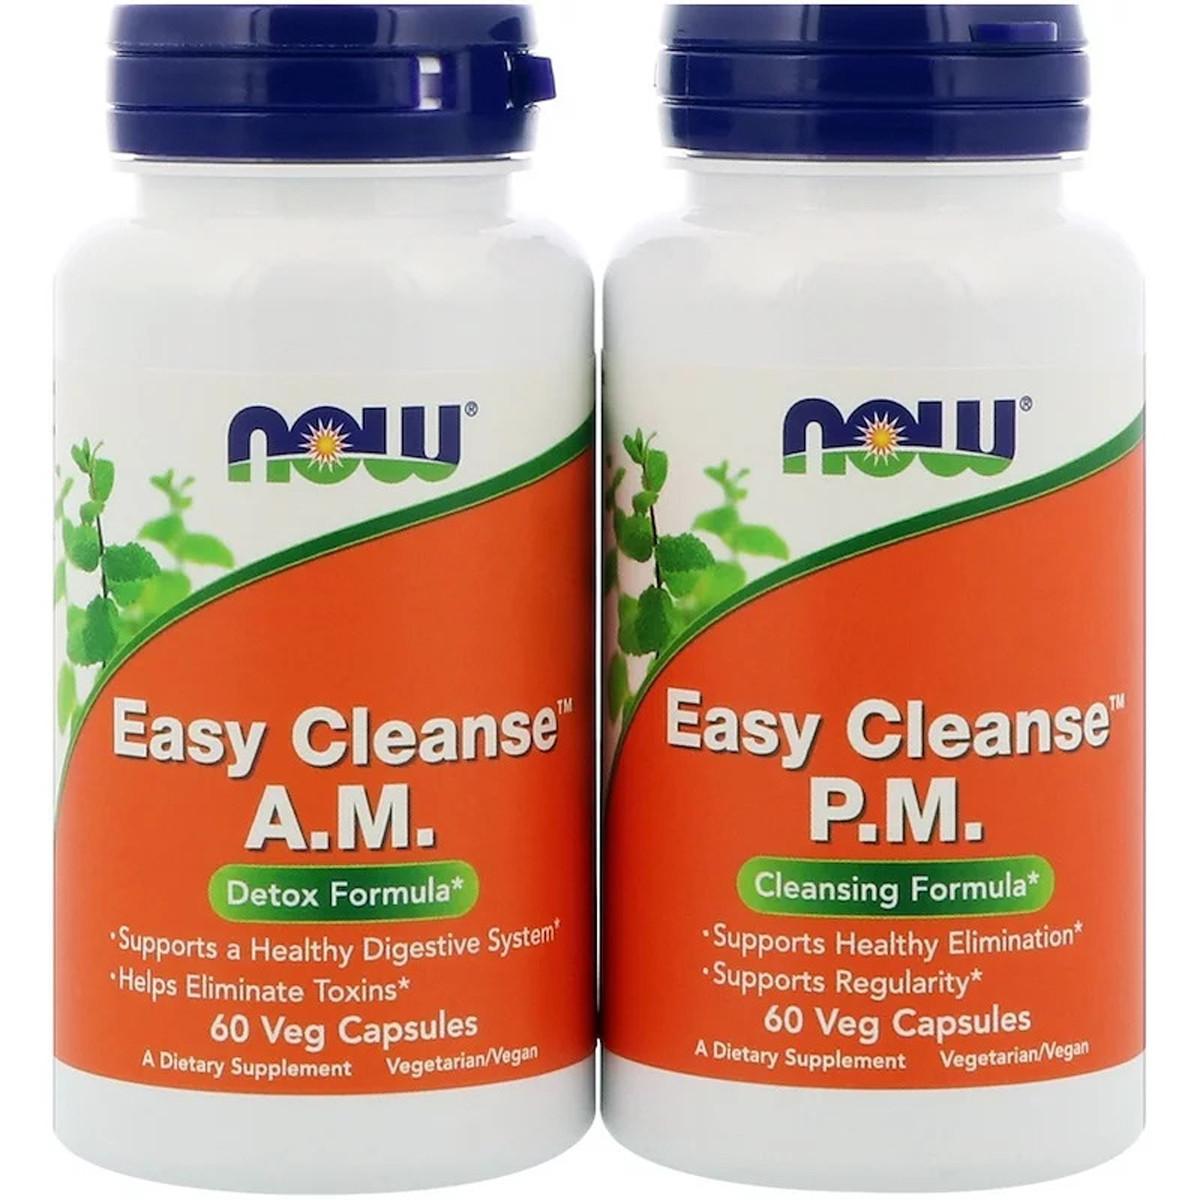 Детокс Очищение Организма, Easy Cleanse, Now Foods, 2 бутылки по 60 капсул